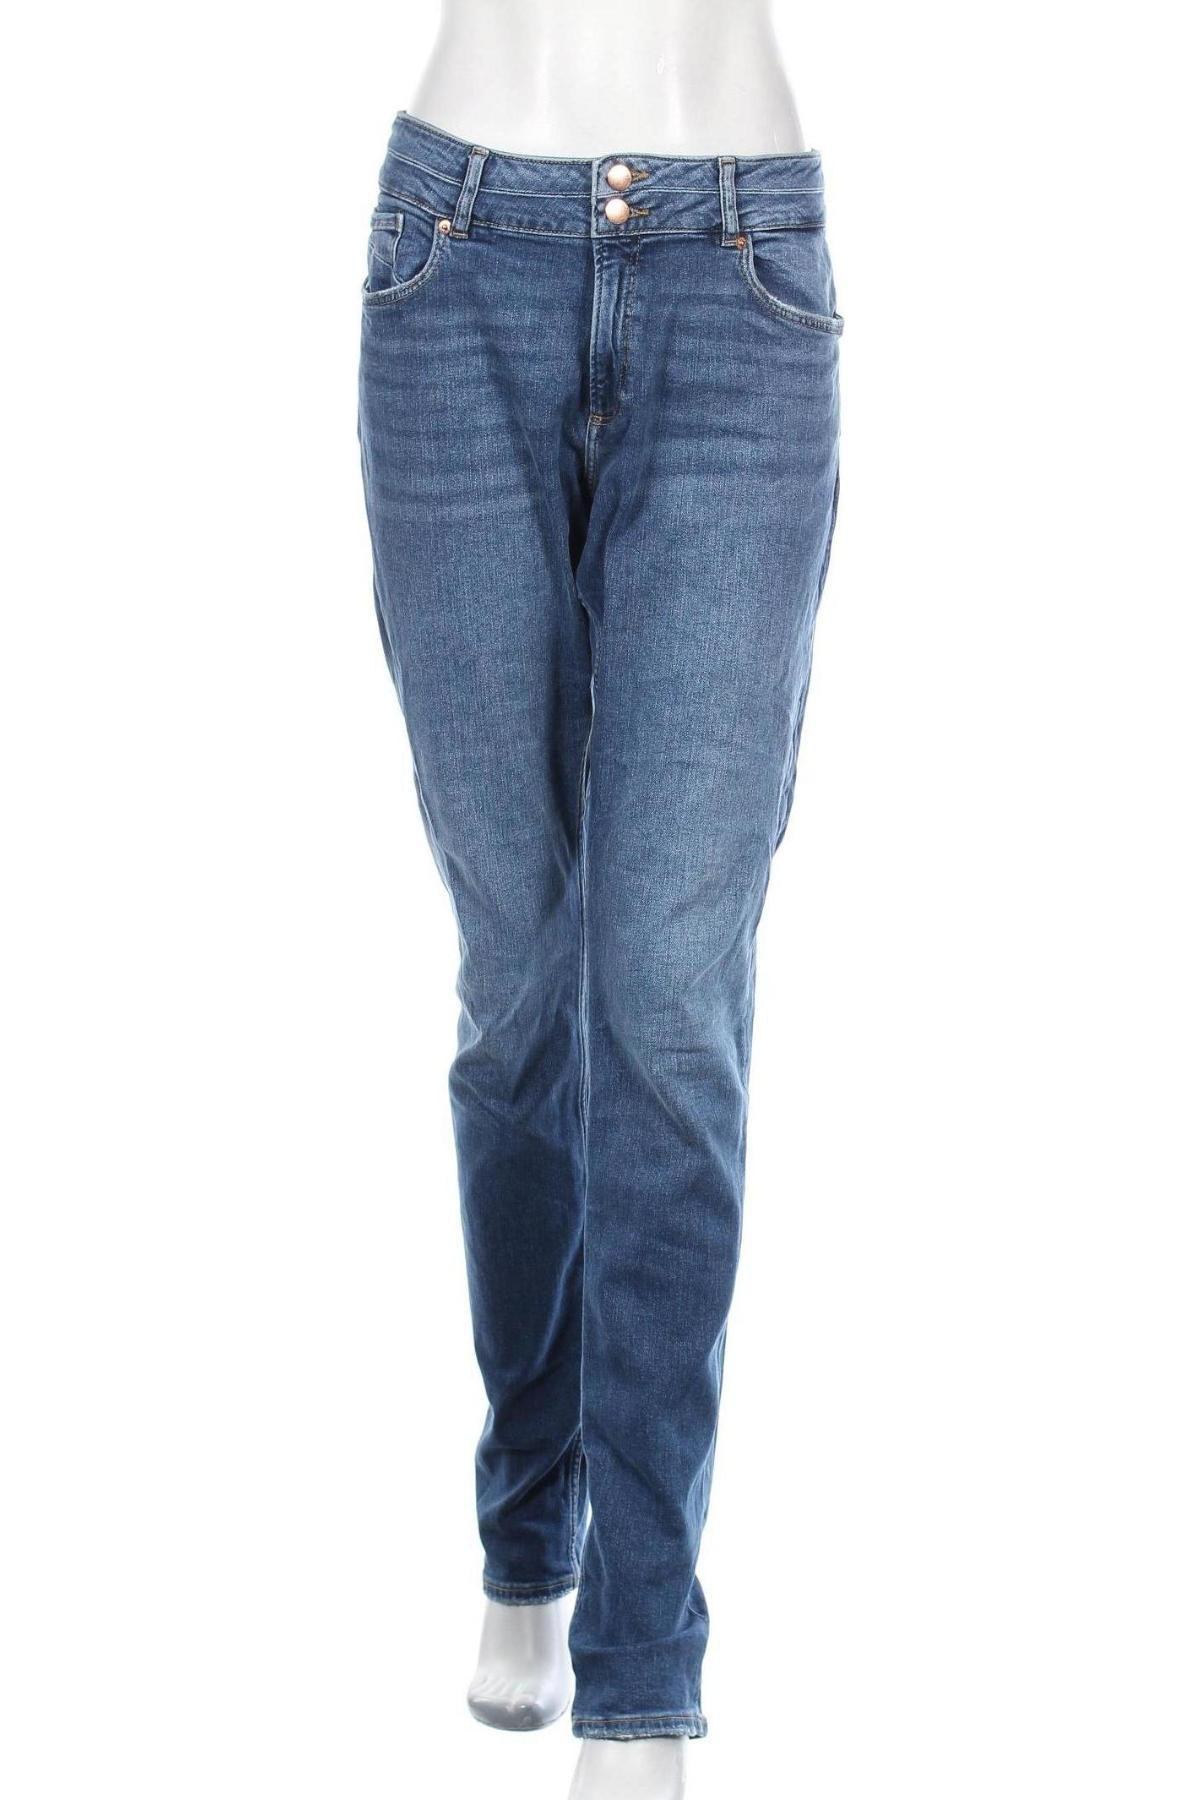 Дамски дънки Q/S by S.Oliver, Размер L, Цвят Син, 99% памук, 1% еластан, Цена 31,02лв.